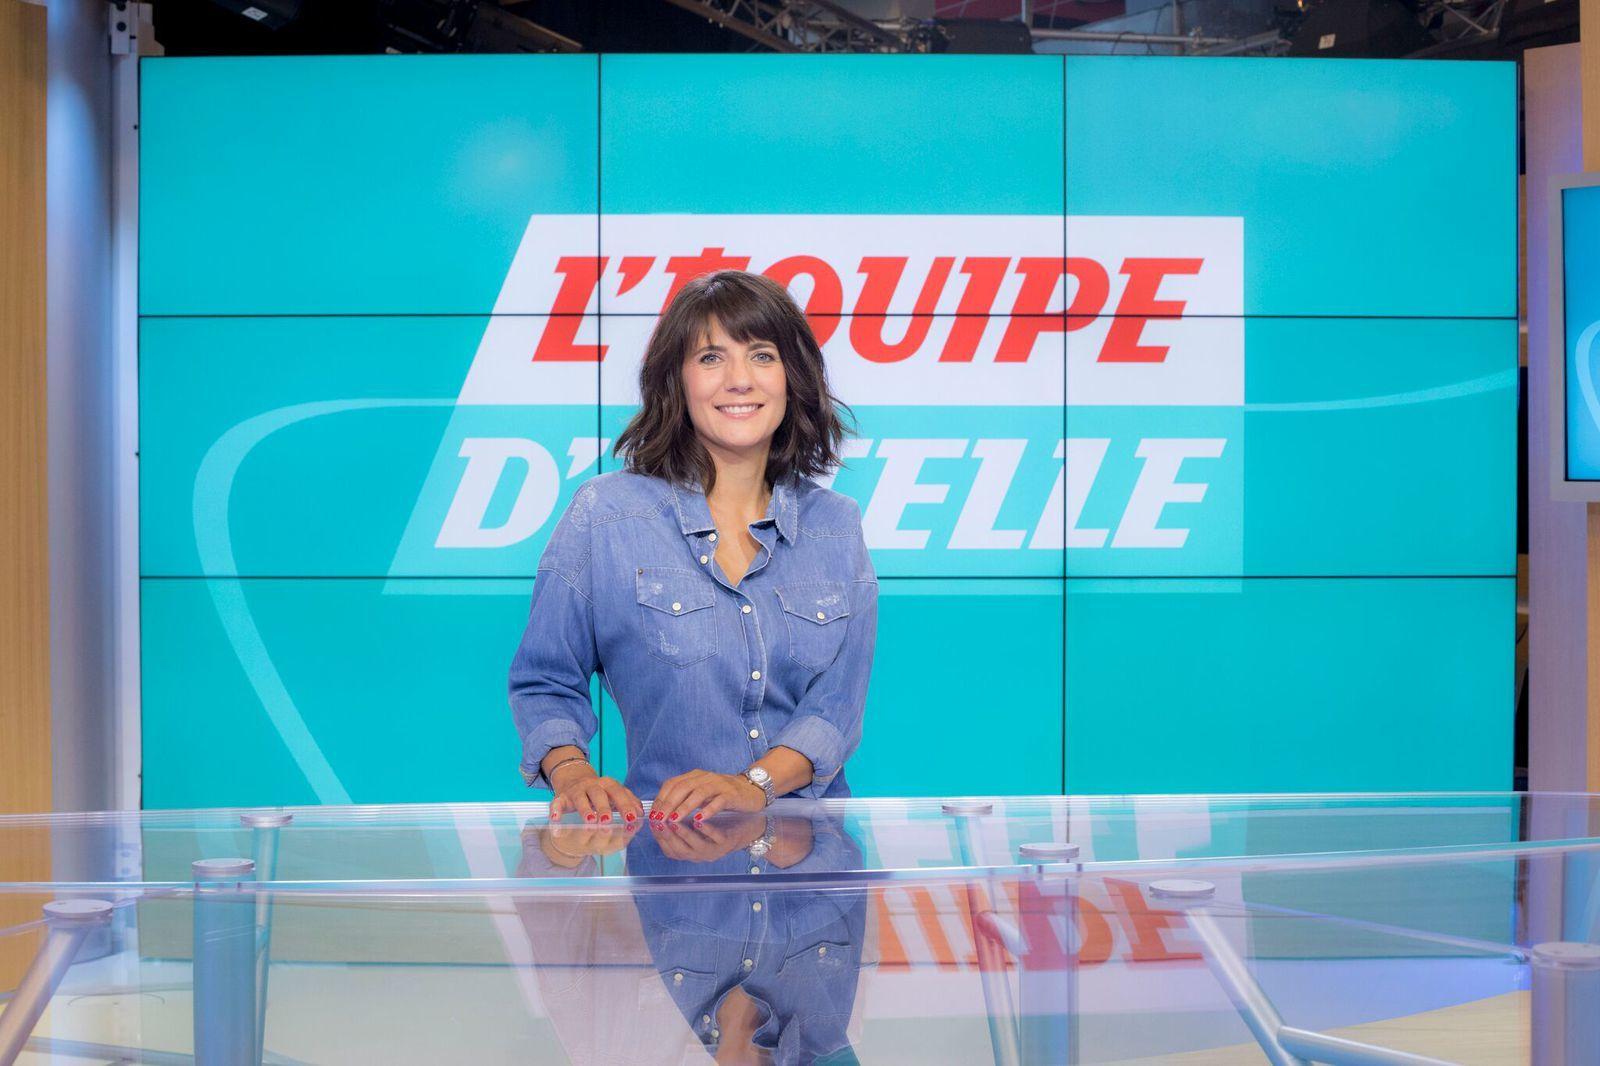 L'Équipe d'Estelle débarque du lundi au vendredi de 17h45 à 19h45.